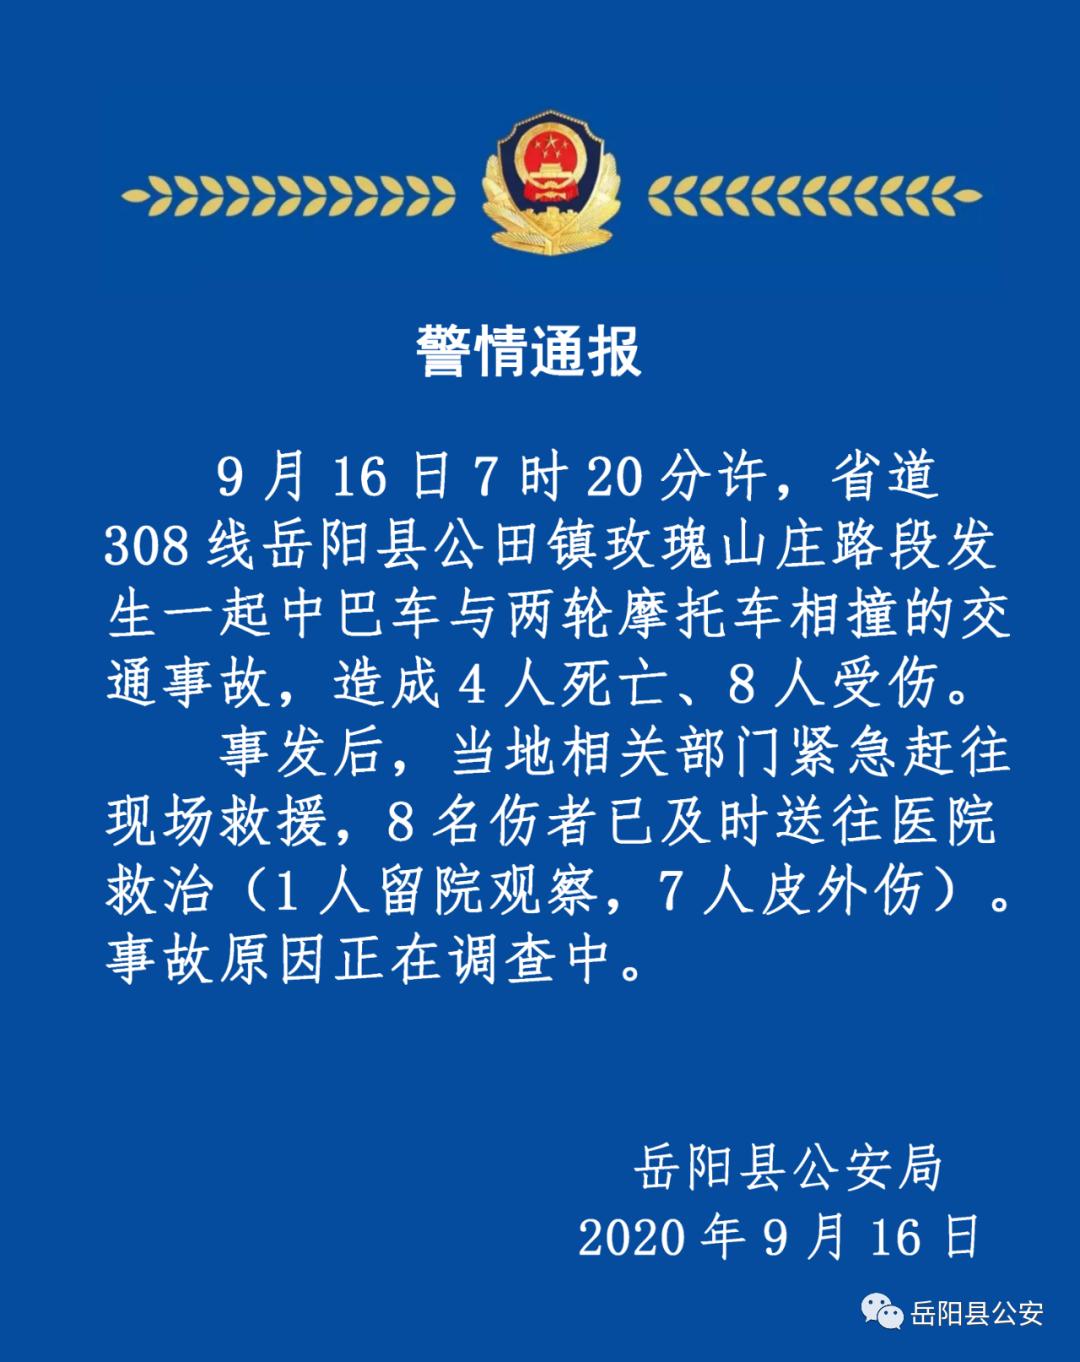 湖南岳阳县一中巴车与摩托车相撞 致4人死亡8人受伤图片